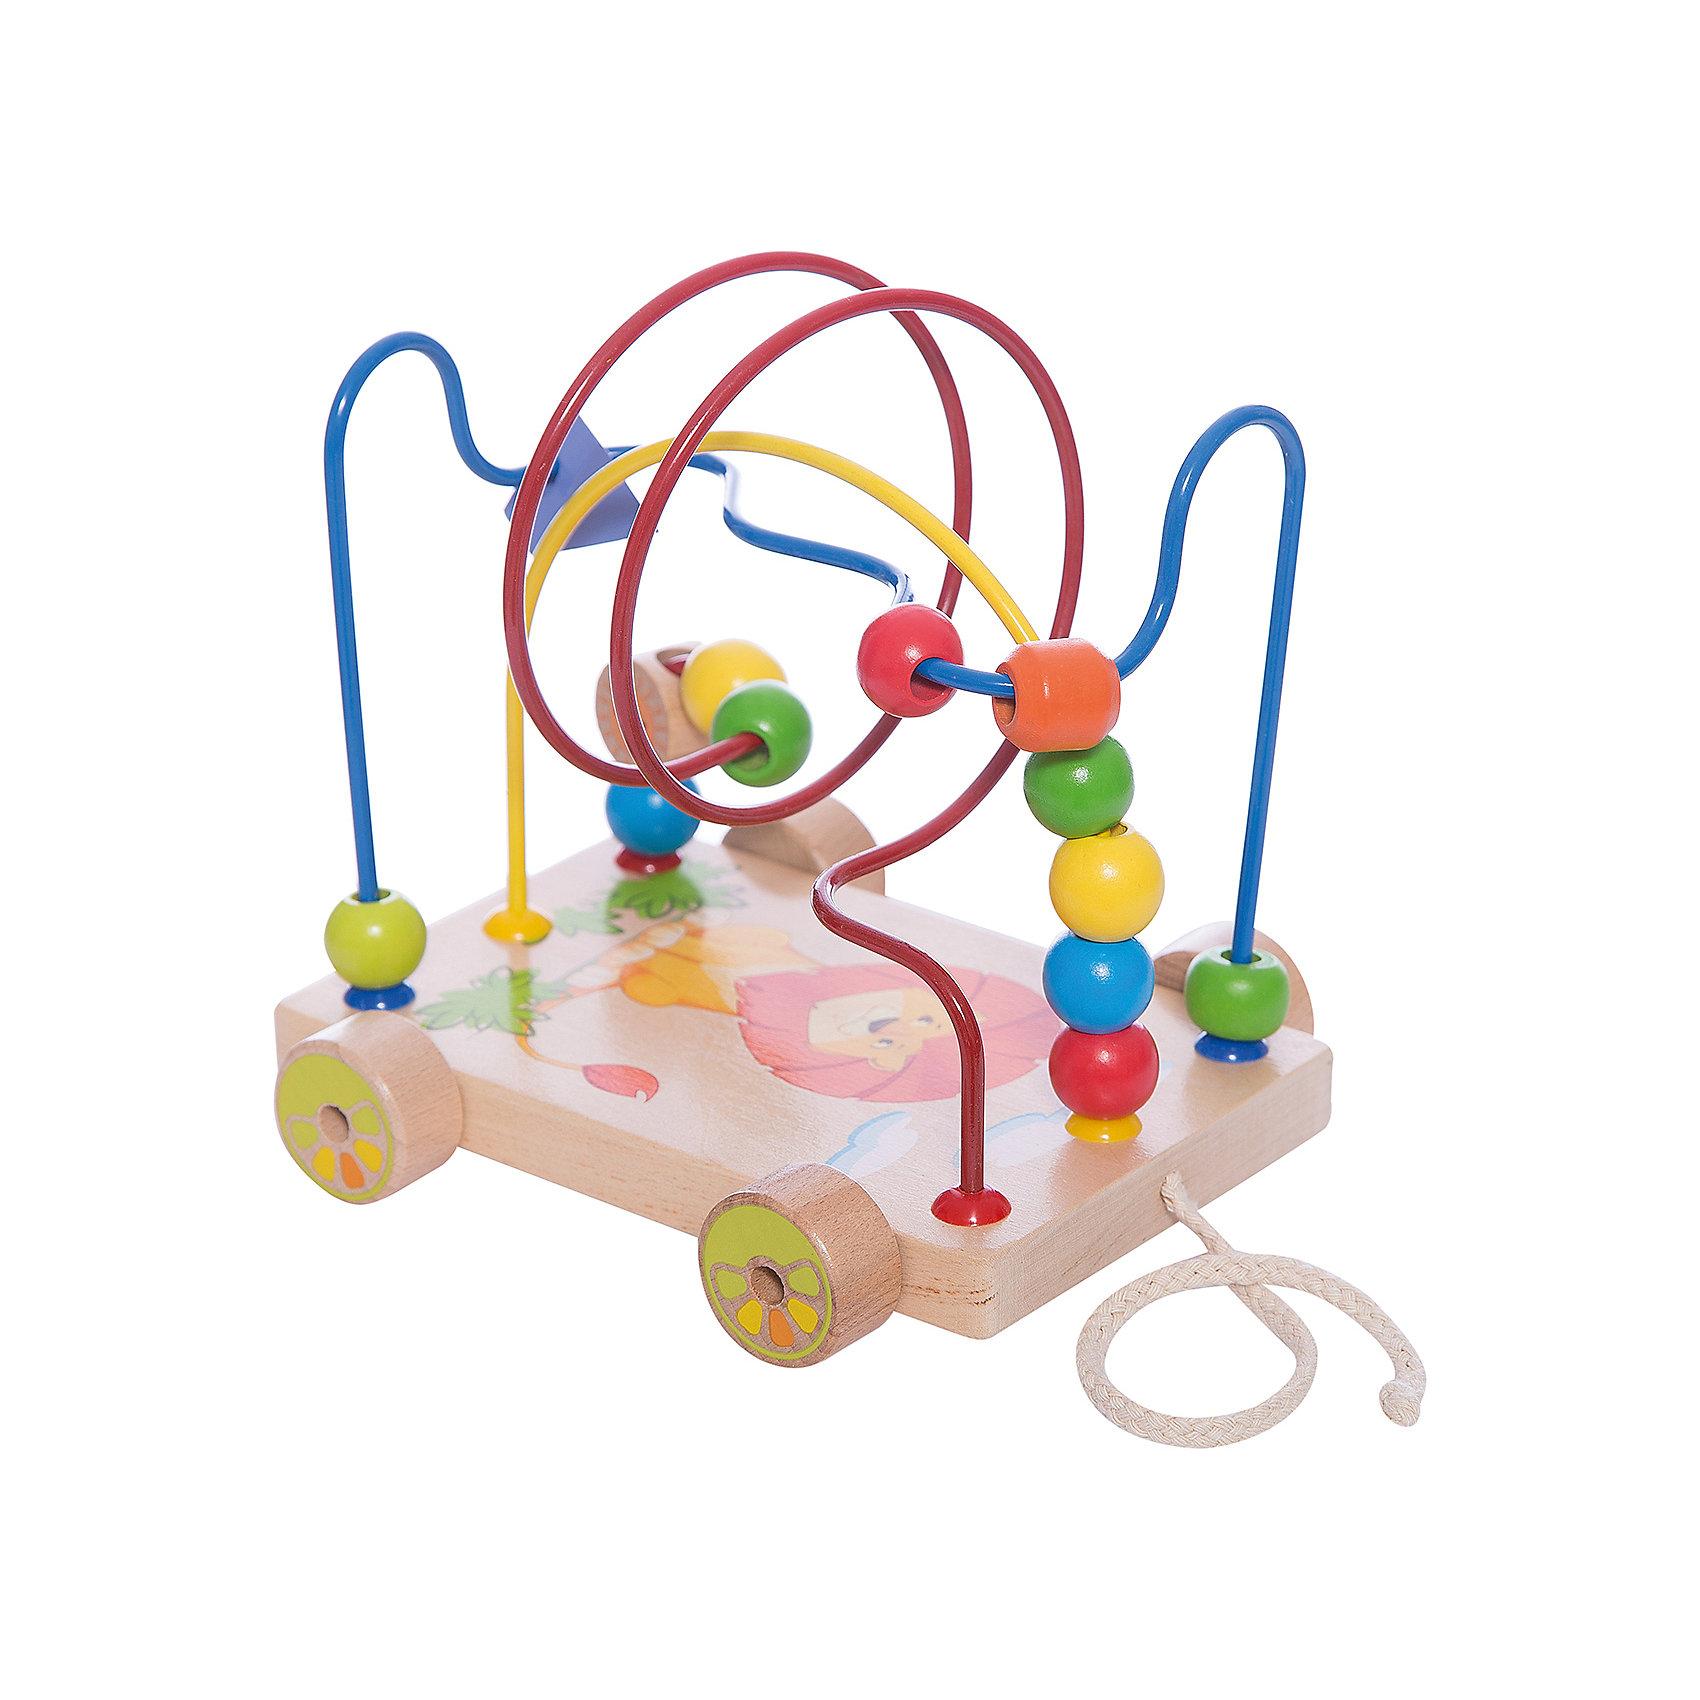 МДИ Лабиринт-каталка Львенок, Мир деревянных игрушек игрушка мир деревянных игрушек лабиринт каталка лев д359